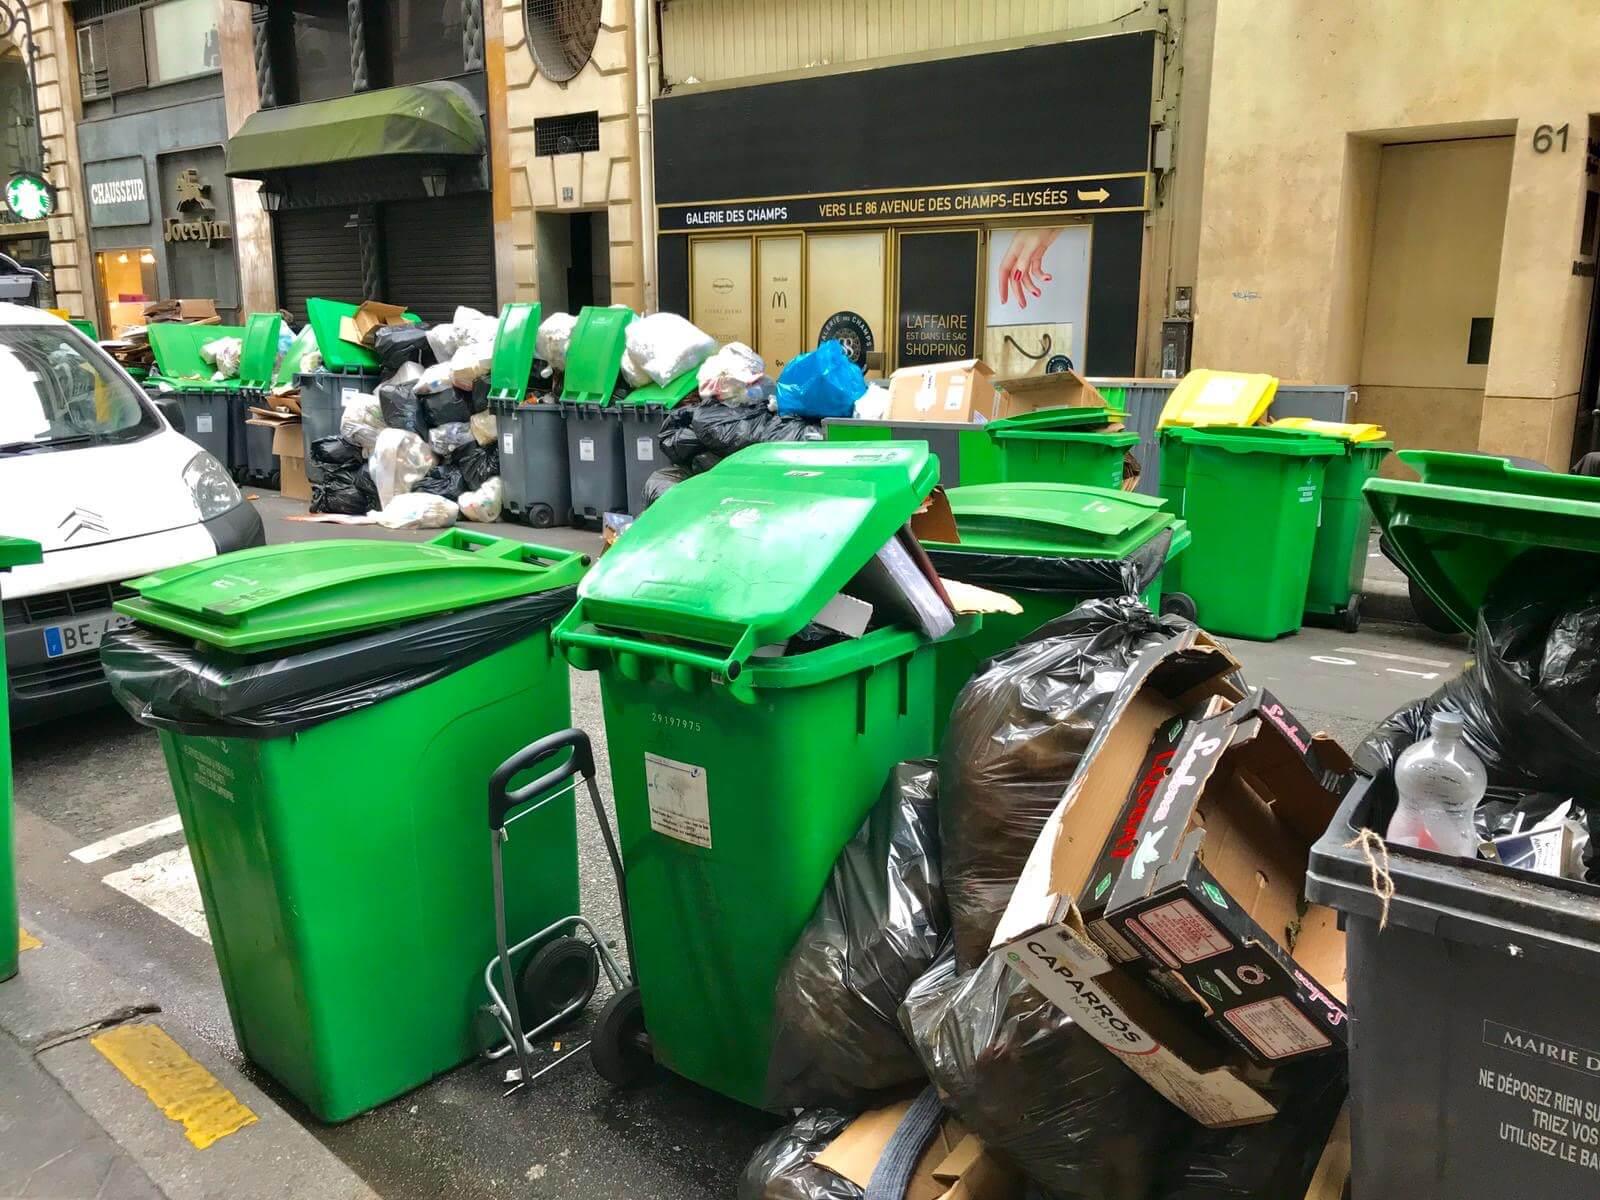 パリはゴミの山、ついにねずみの王国になった